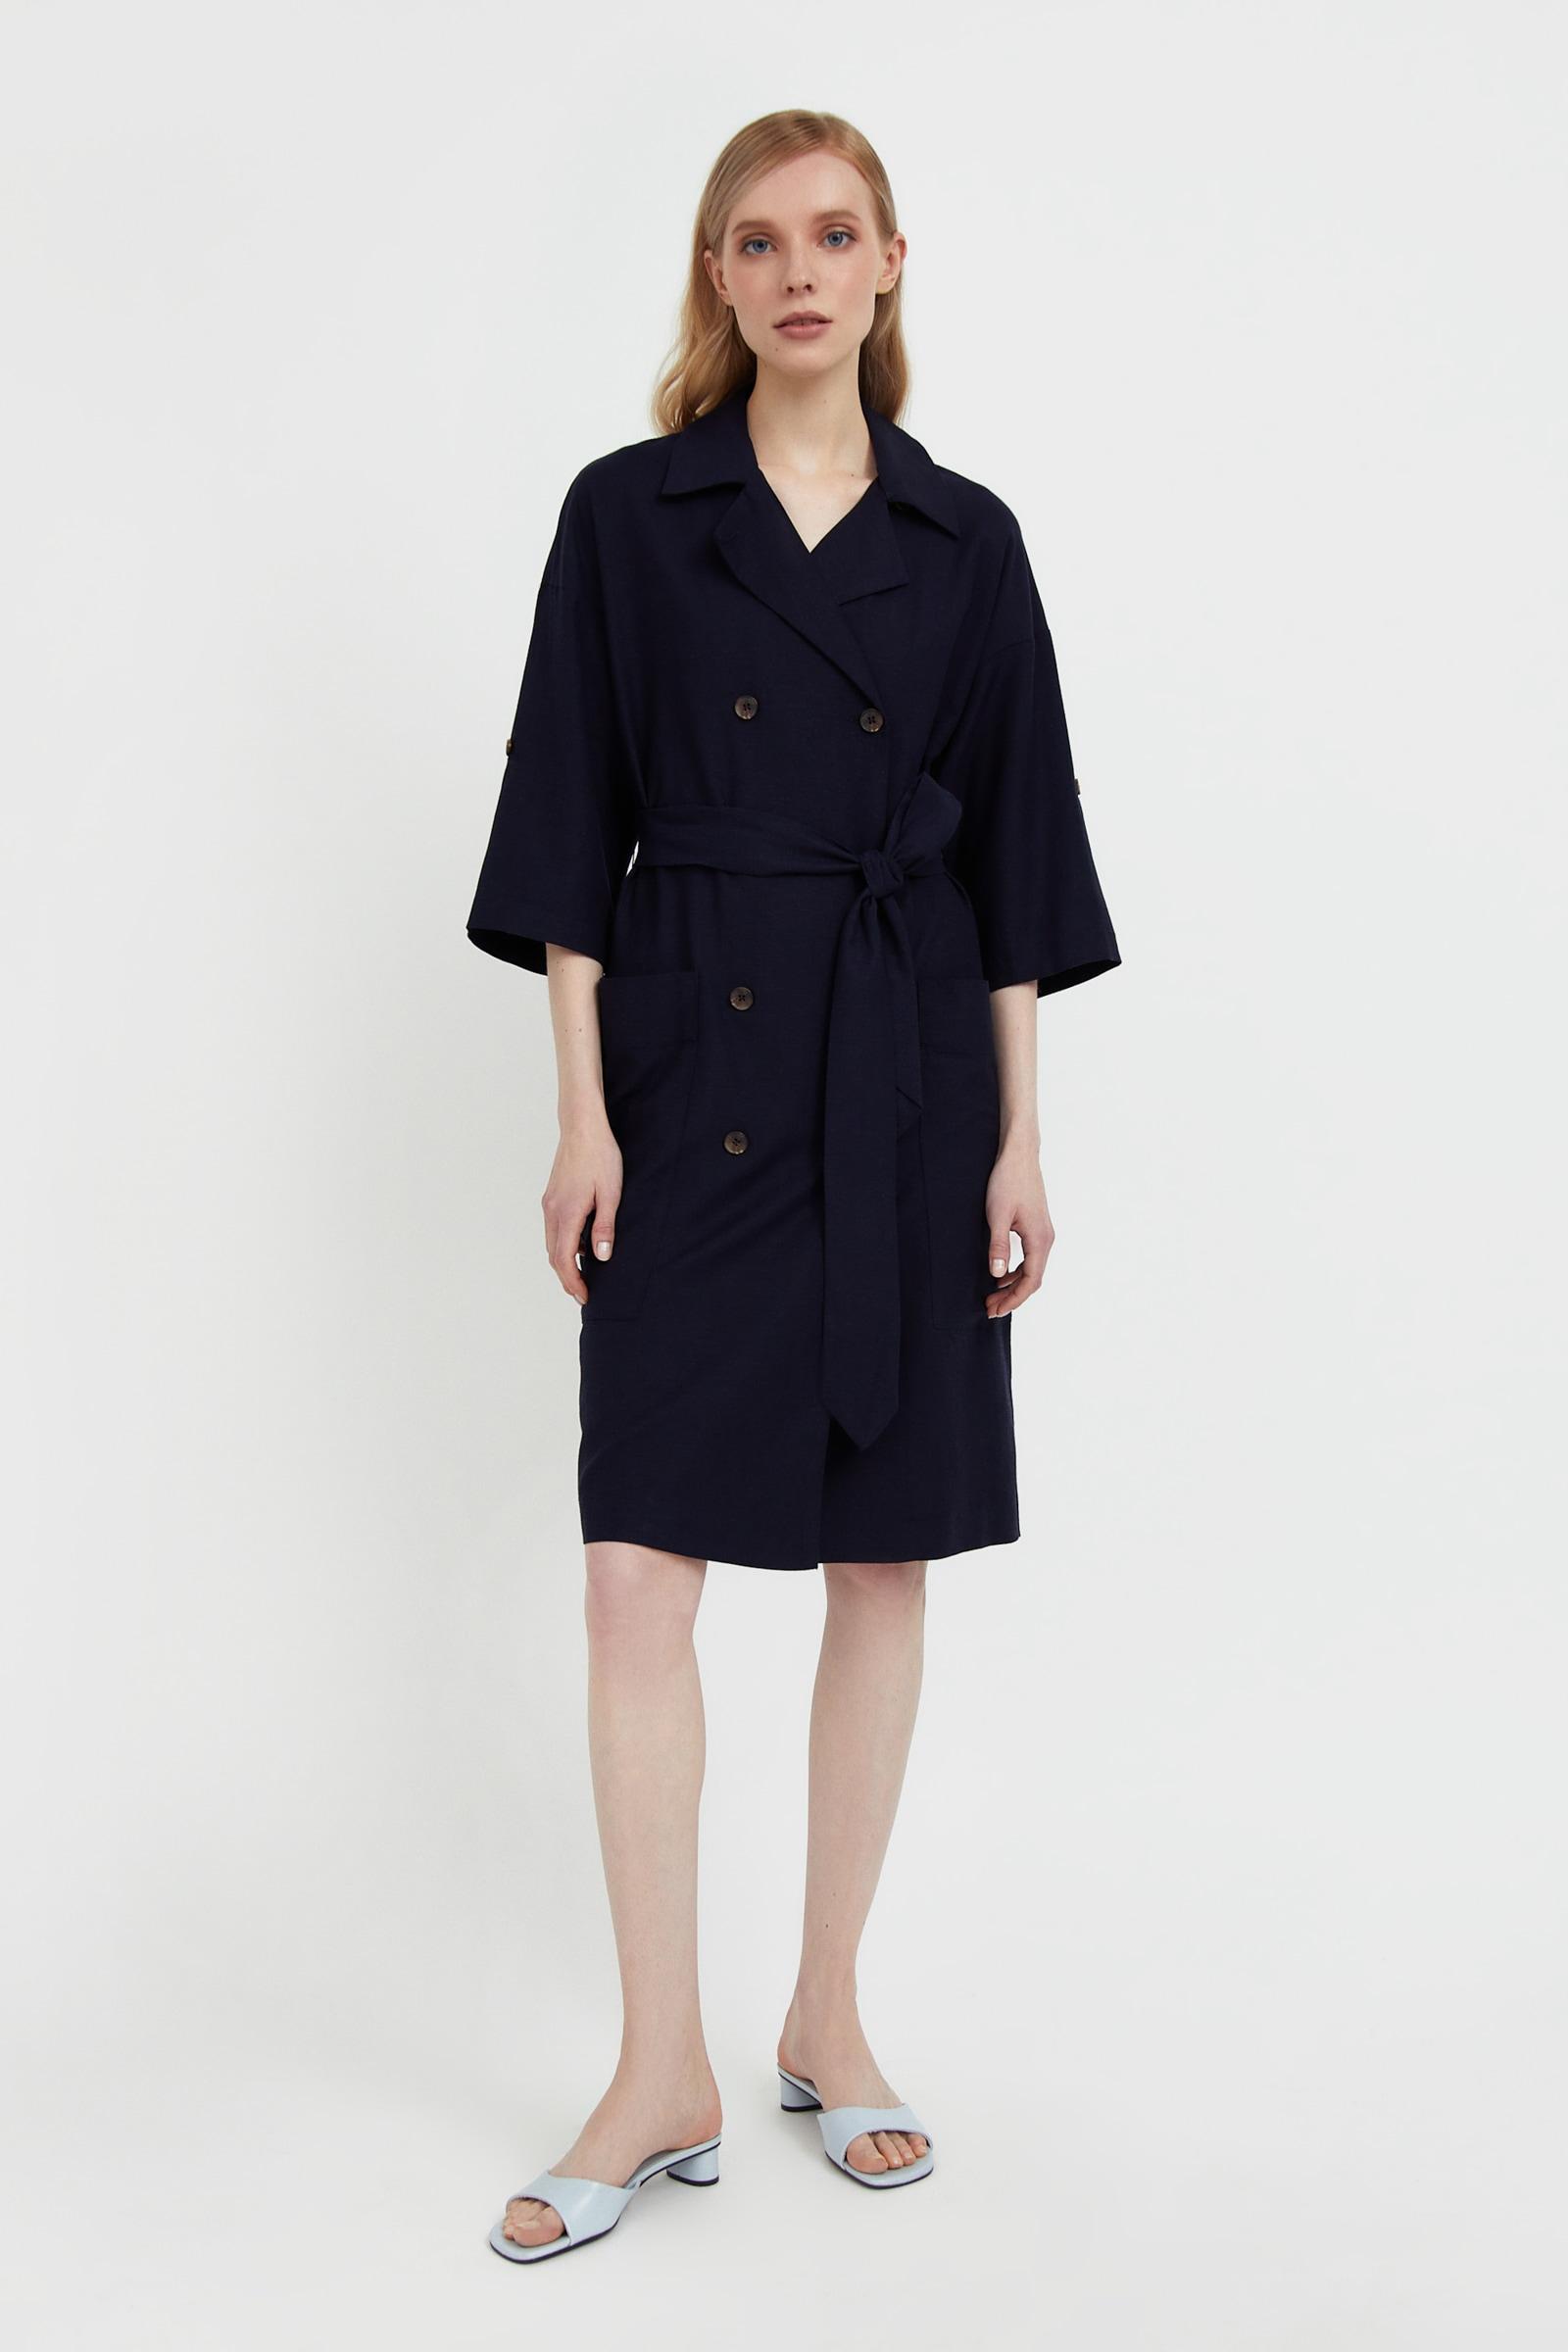 finn flare -  Jerseykleid, mit Knopfverschluss